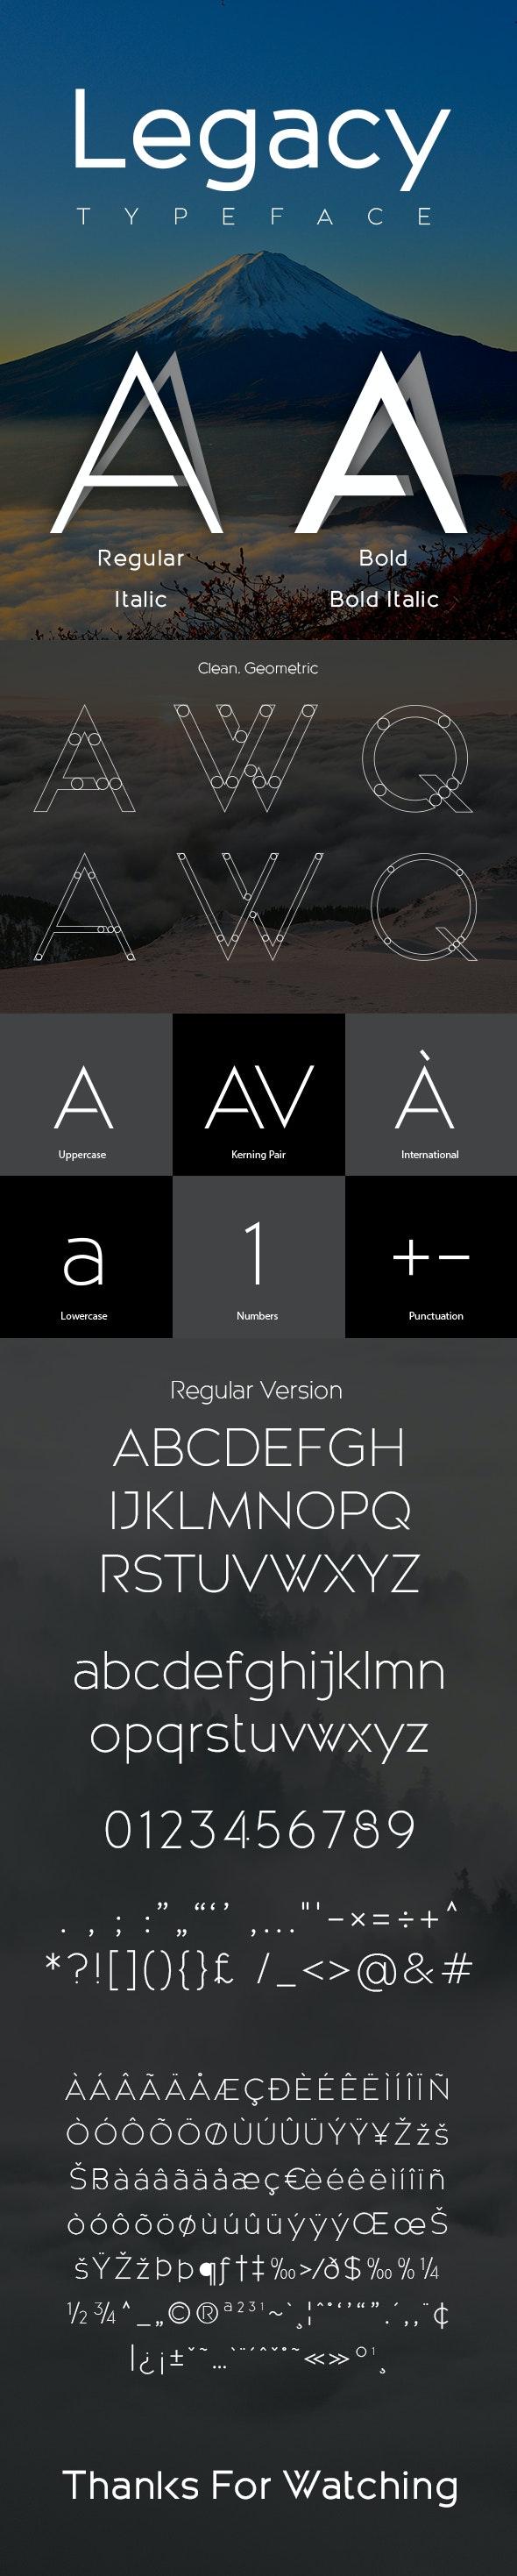 Legacy Typeface - Sans-Serif Fonts